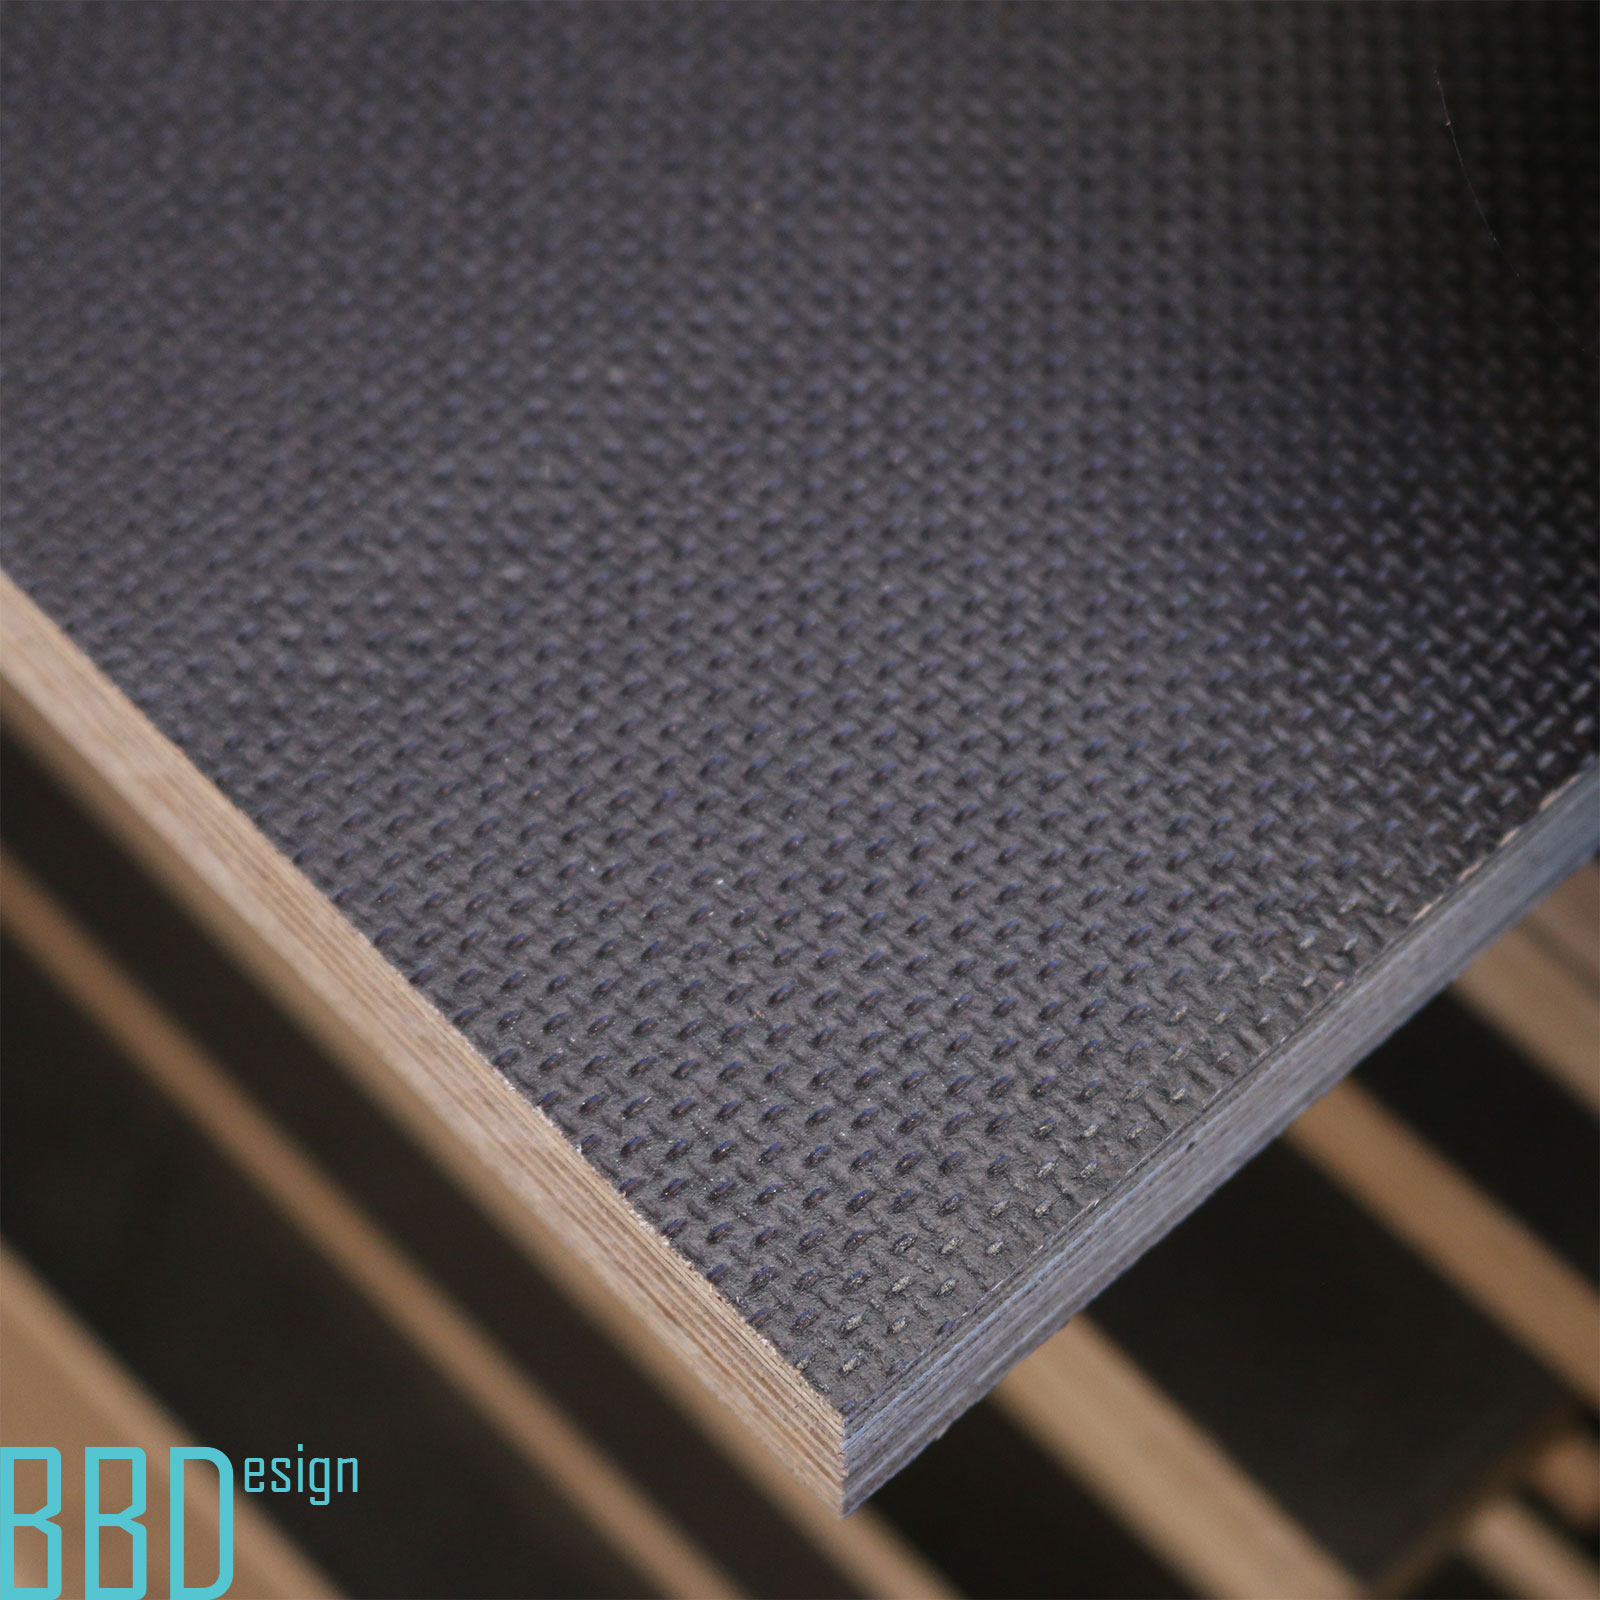 Siebdruckplatte 18mm Zuschnitt Multiplex Birke Holz Bodenplatte 80x90 cm